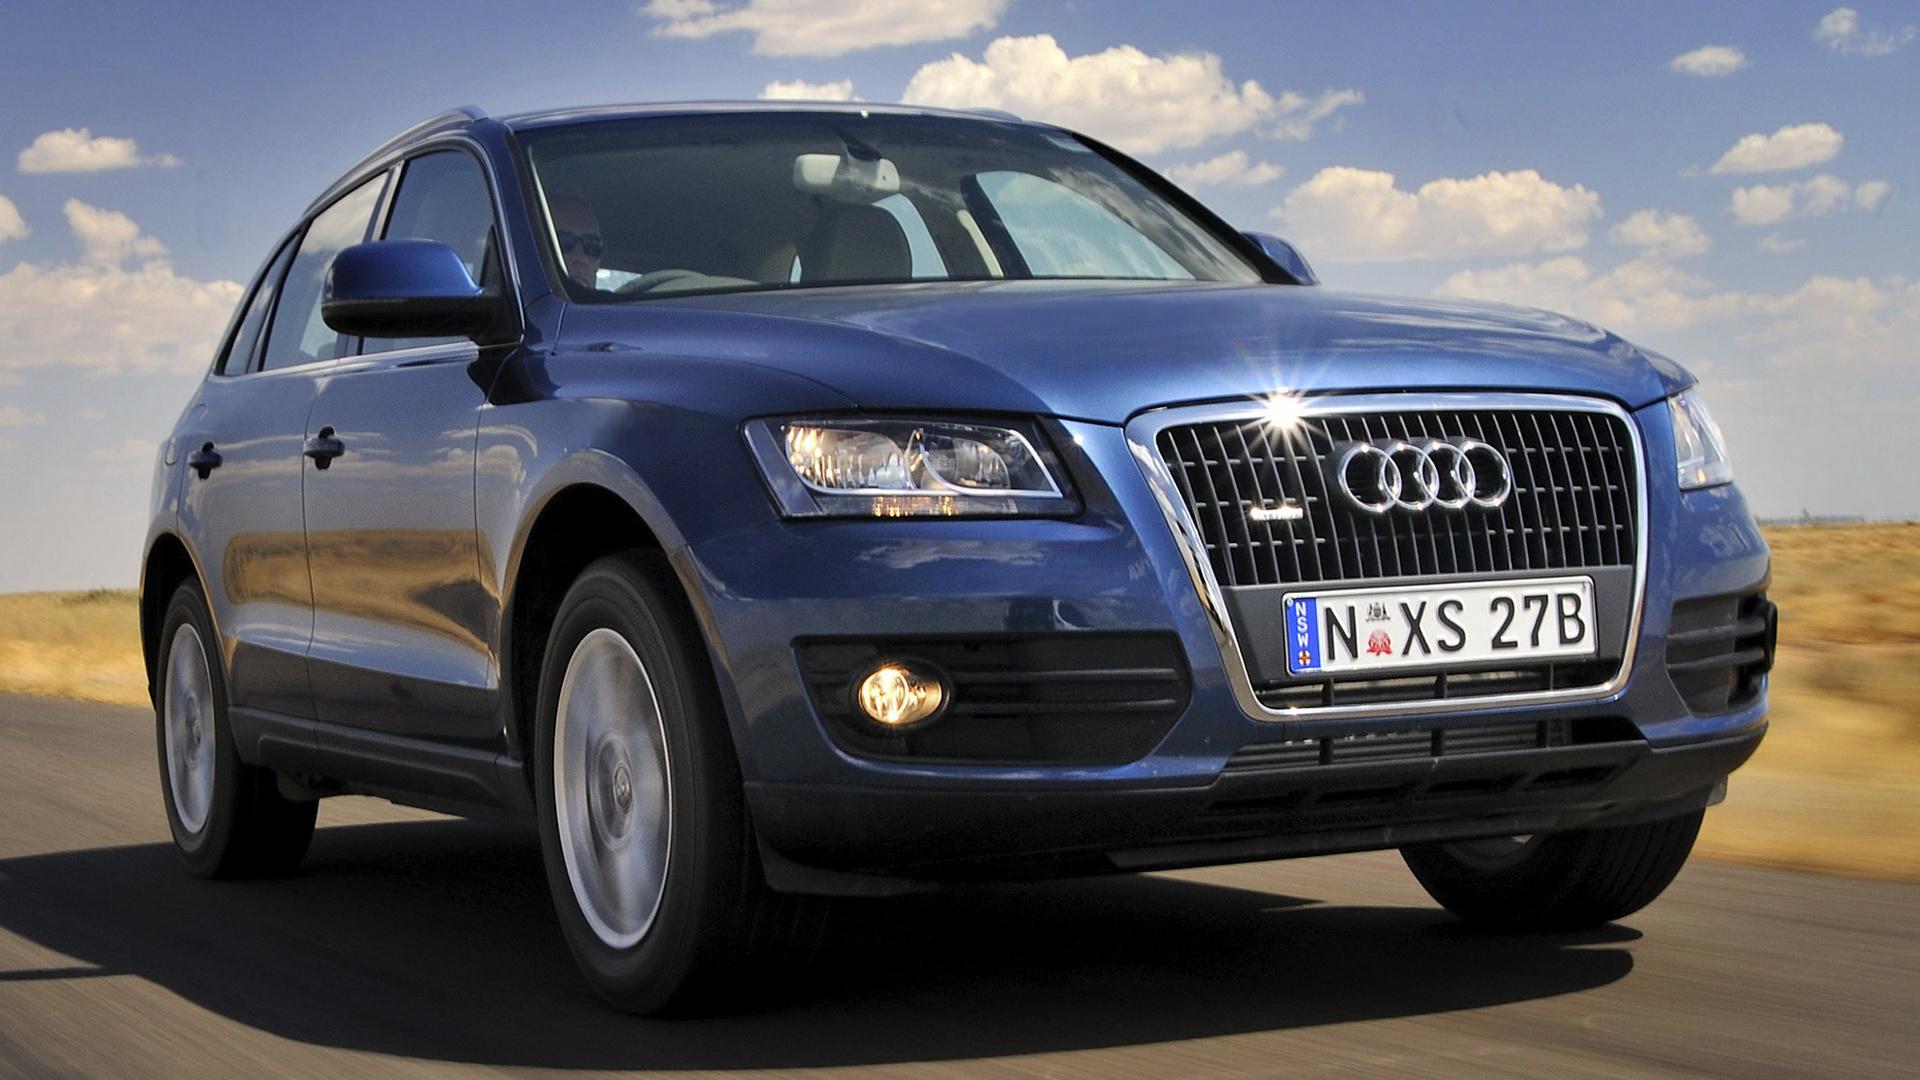 Kelebihan Kekurangan Audi Q5 2009 Perbandingan Harga